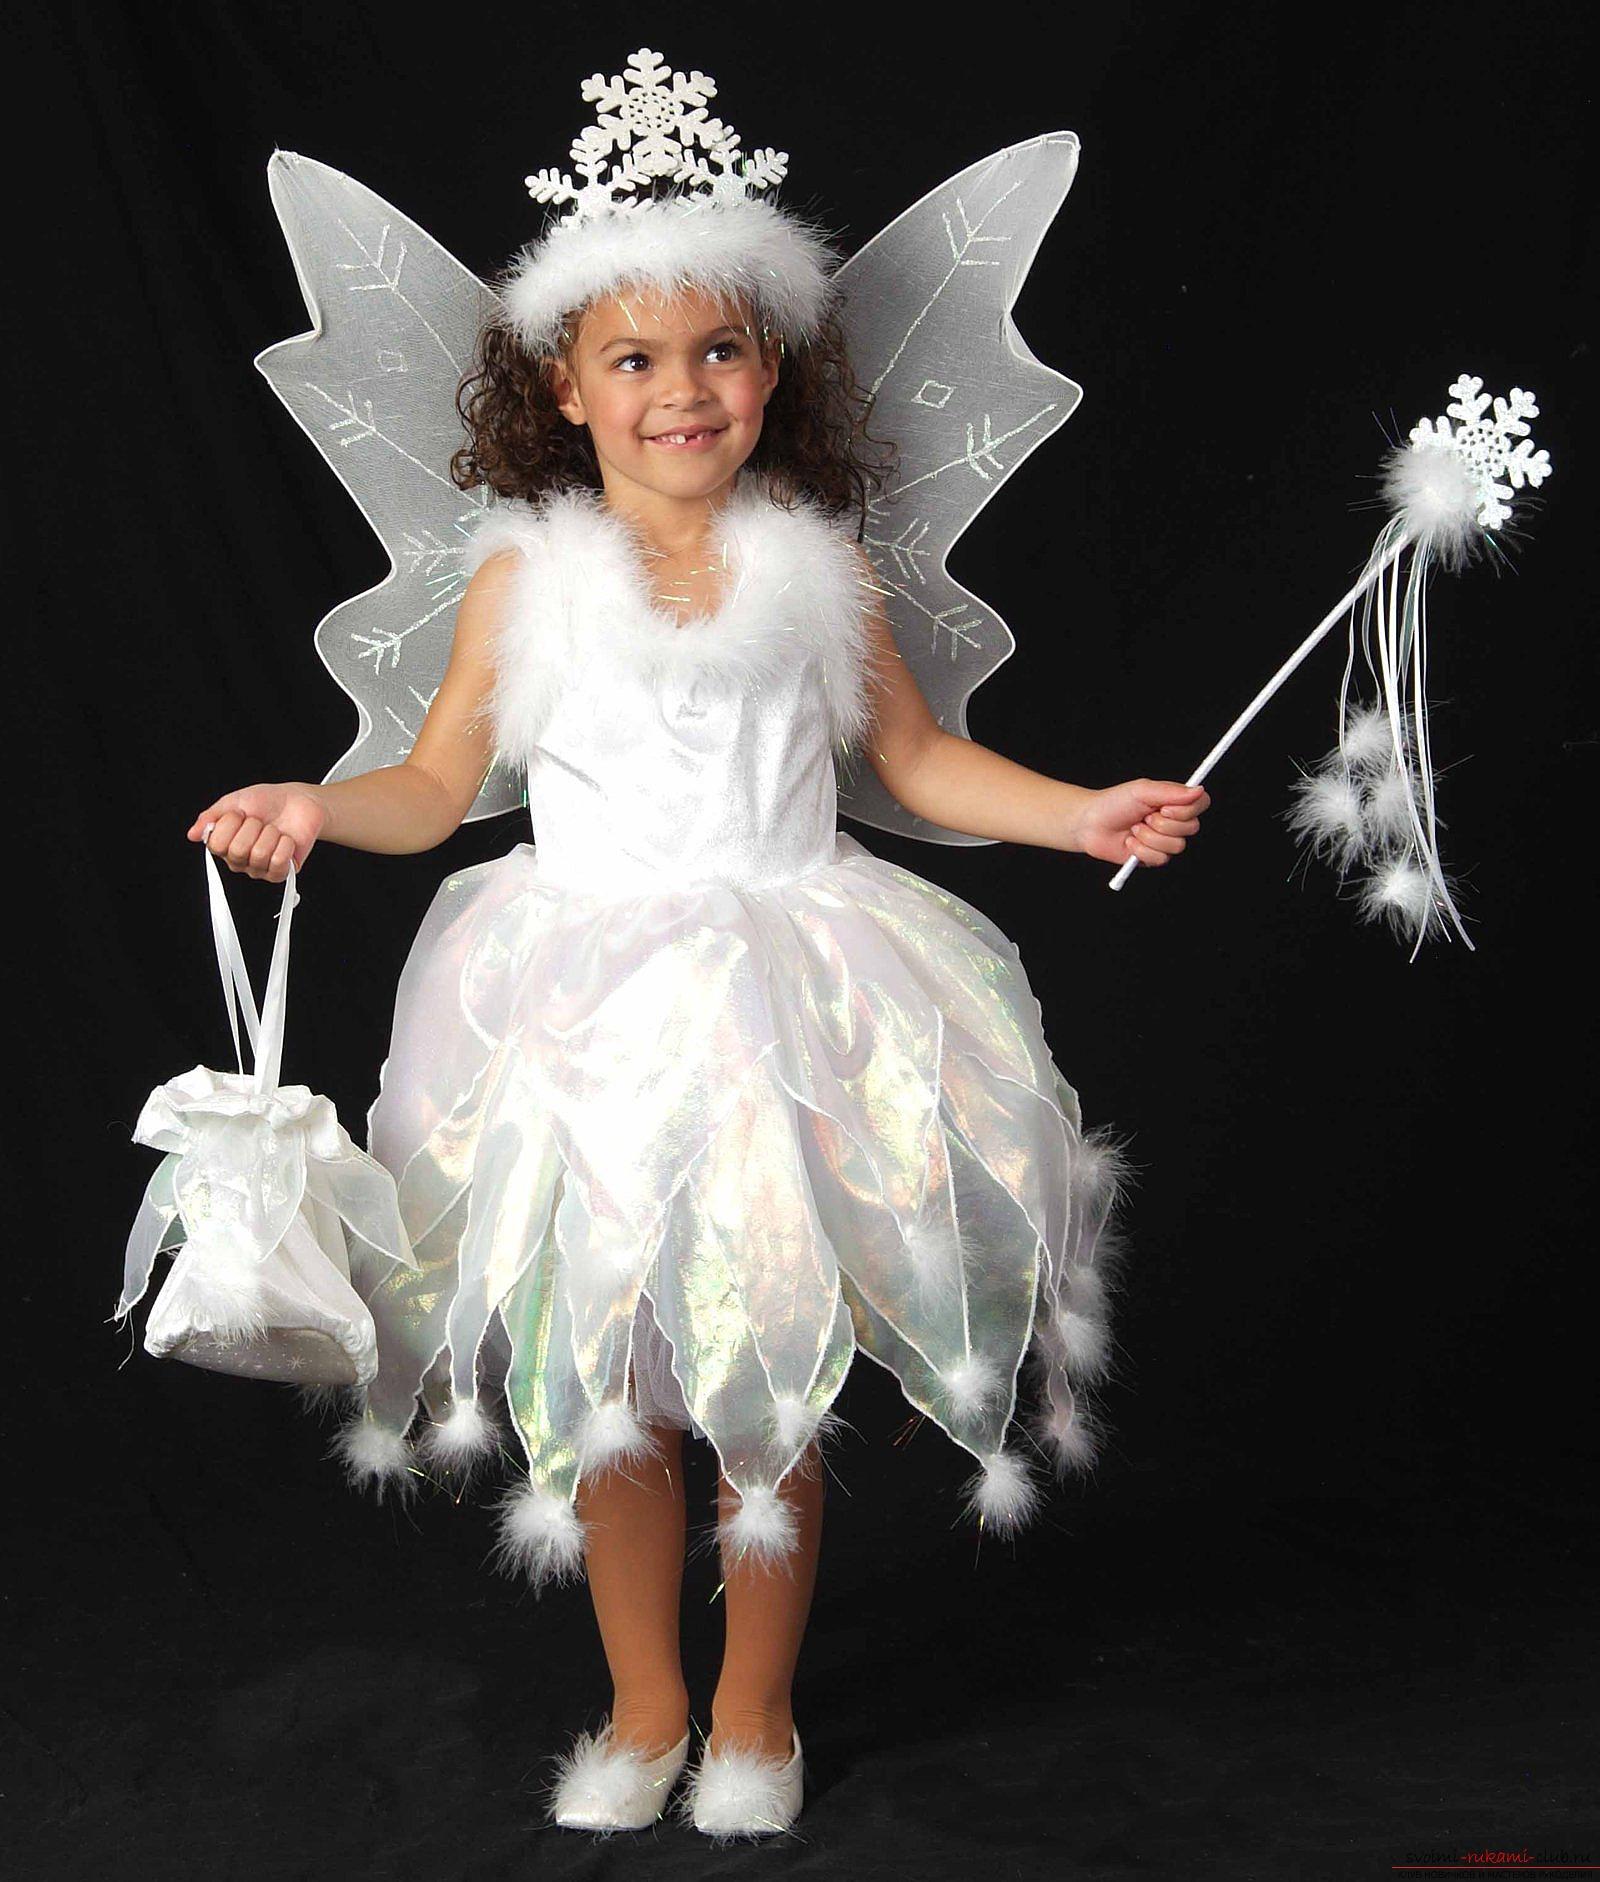 Как сделать карнавальный костюм своими руками быстро